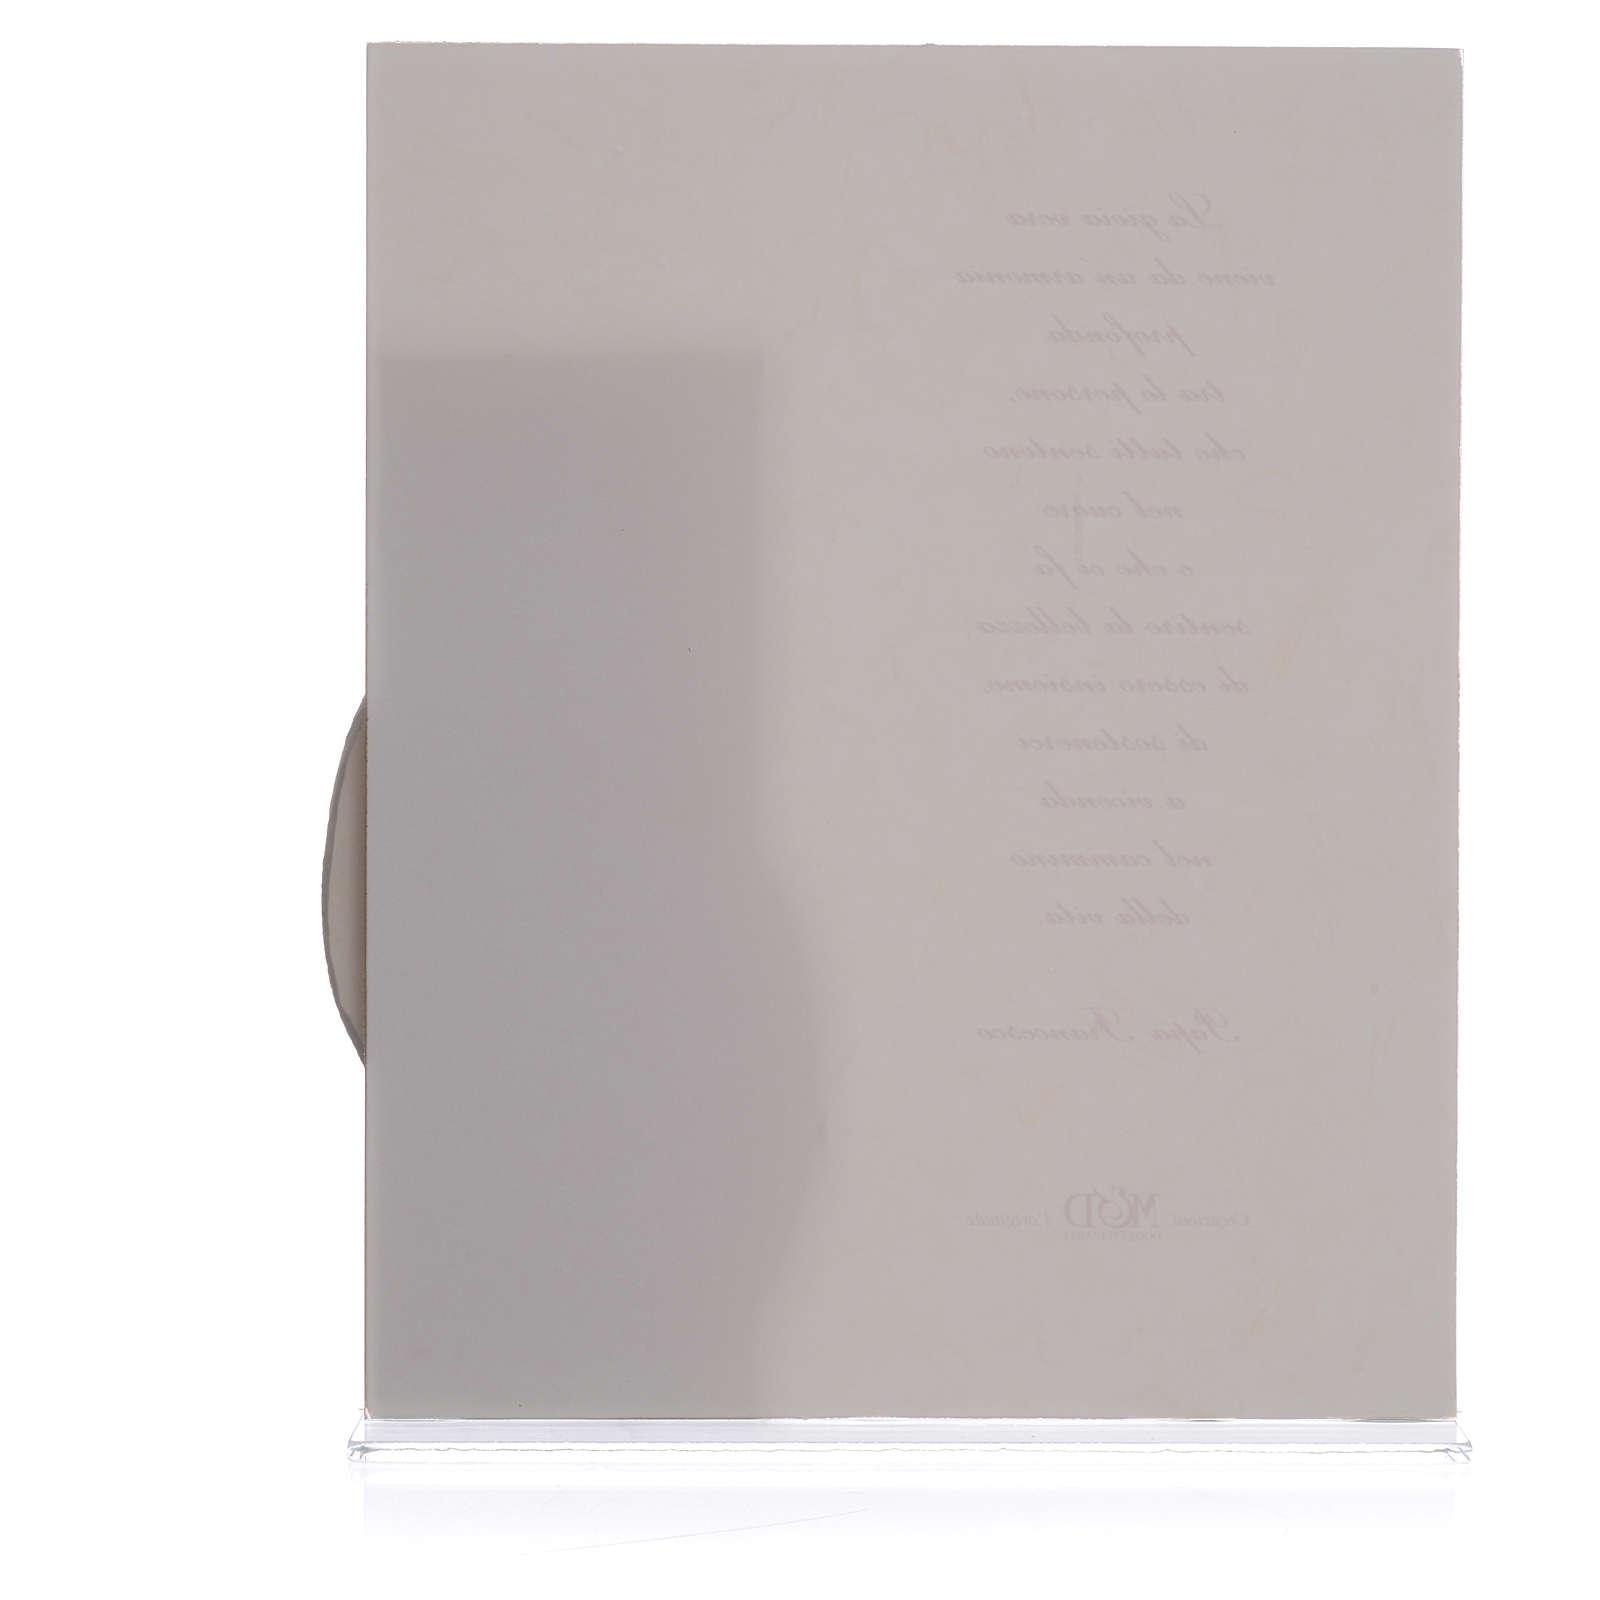 Cuadro Matrimonio s.Familia imprimida Papa francisco h. 25,5 cm 3